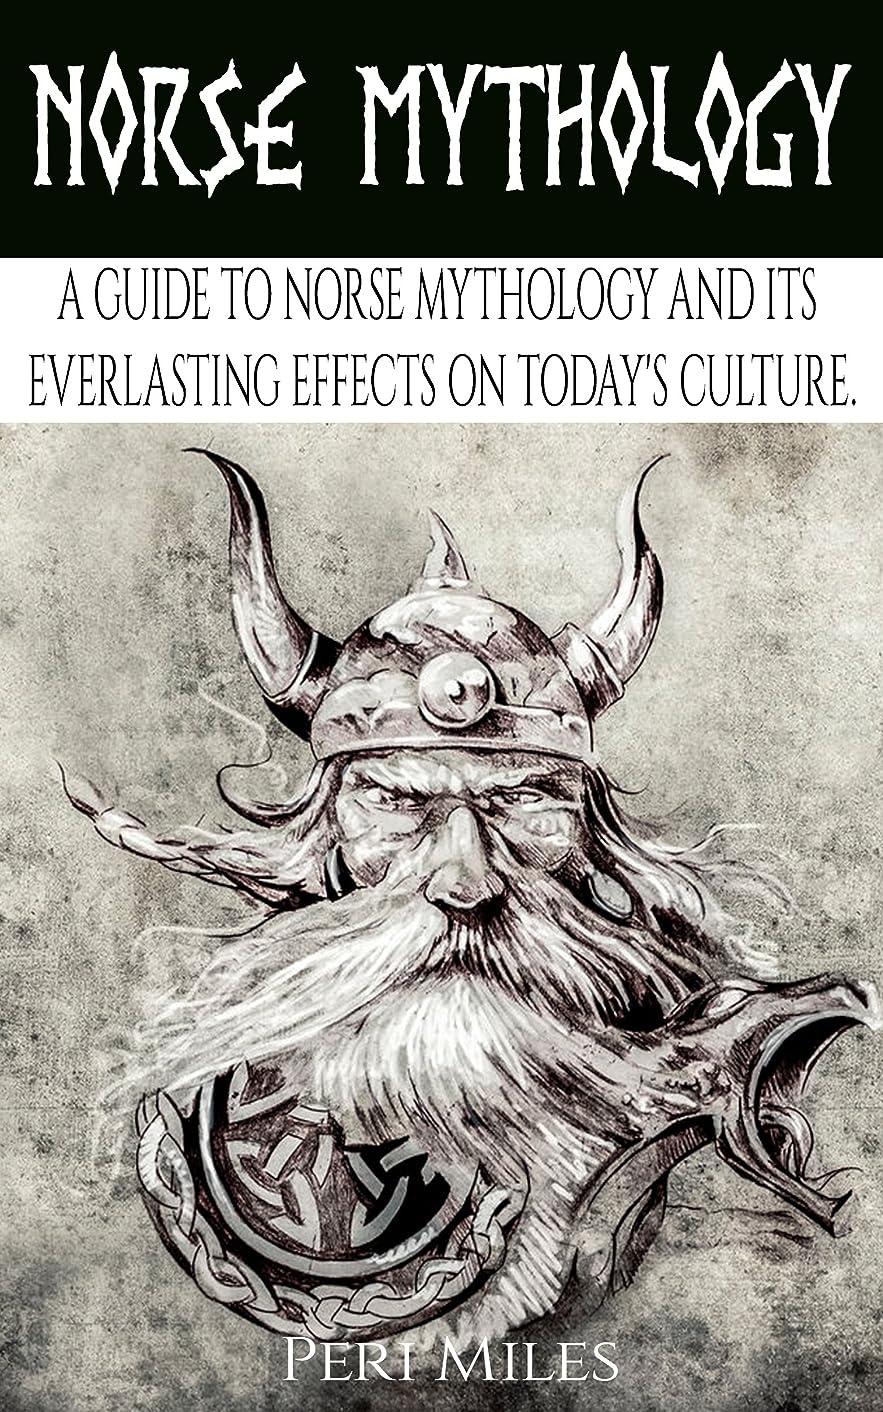 関与する化学薬品報酬のNorse Mythology: A Guide to Norse Mythology and Its Everlasting Effects on Culture. (English Edition)